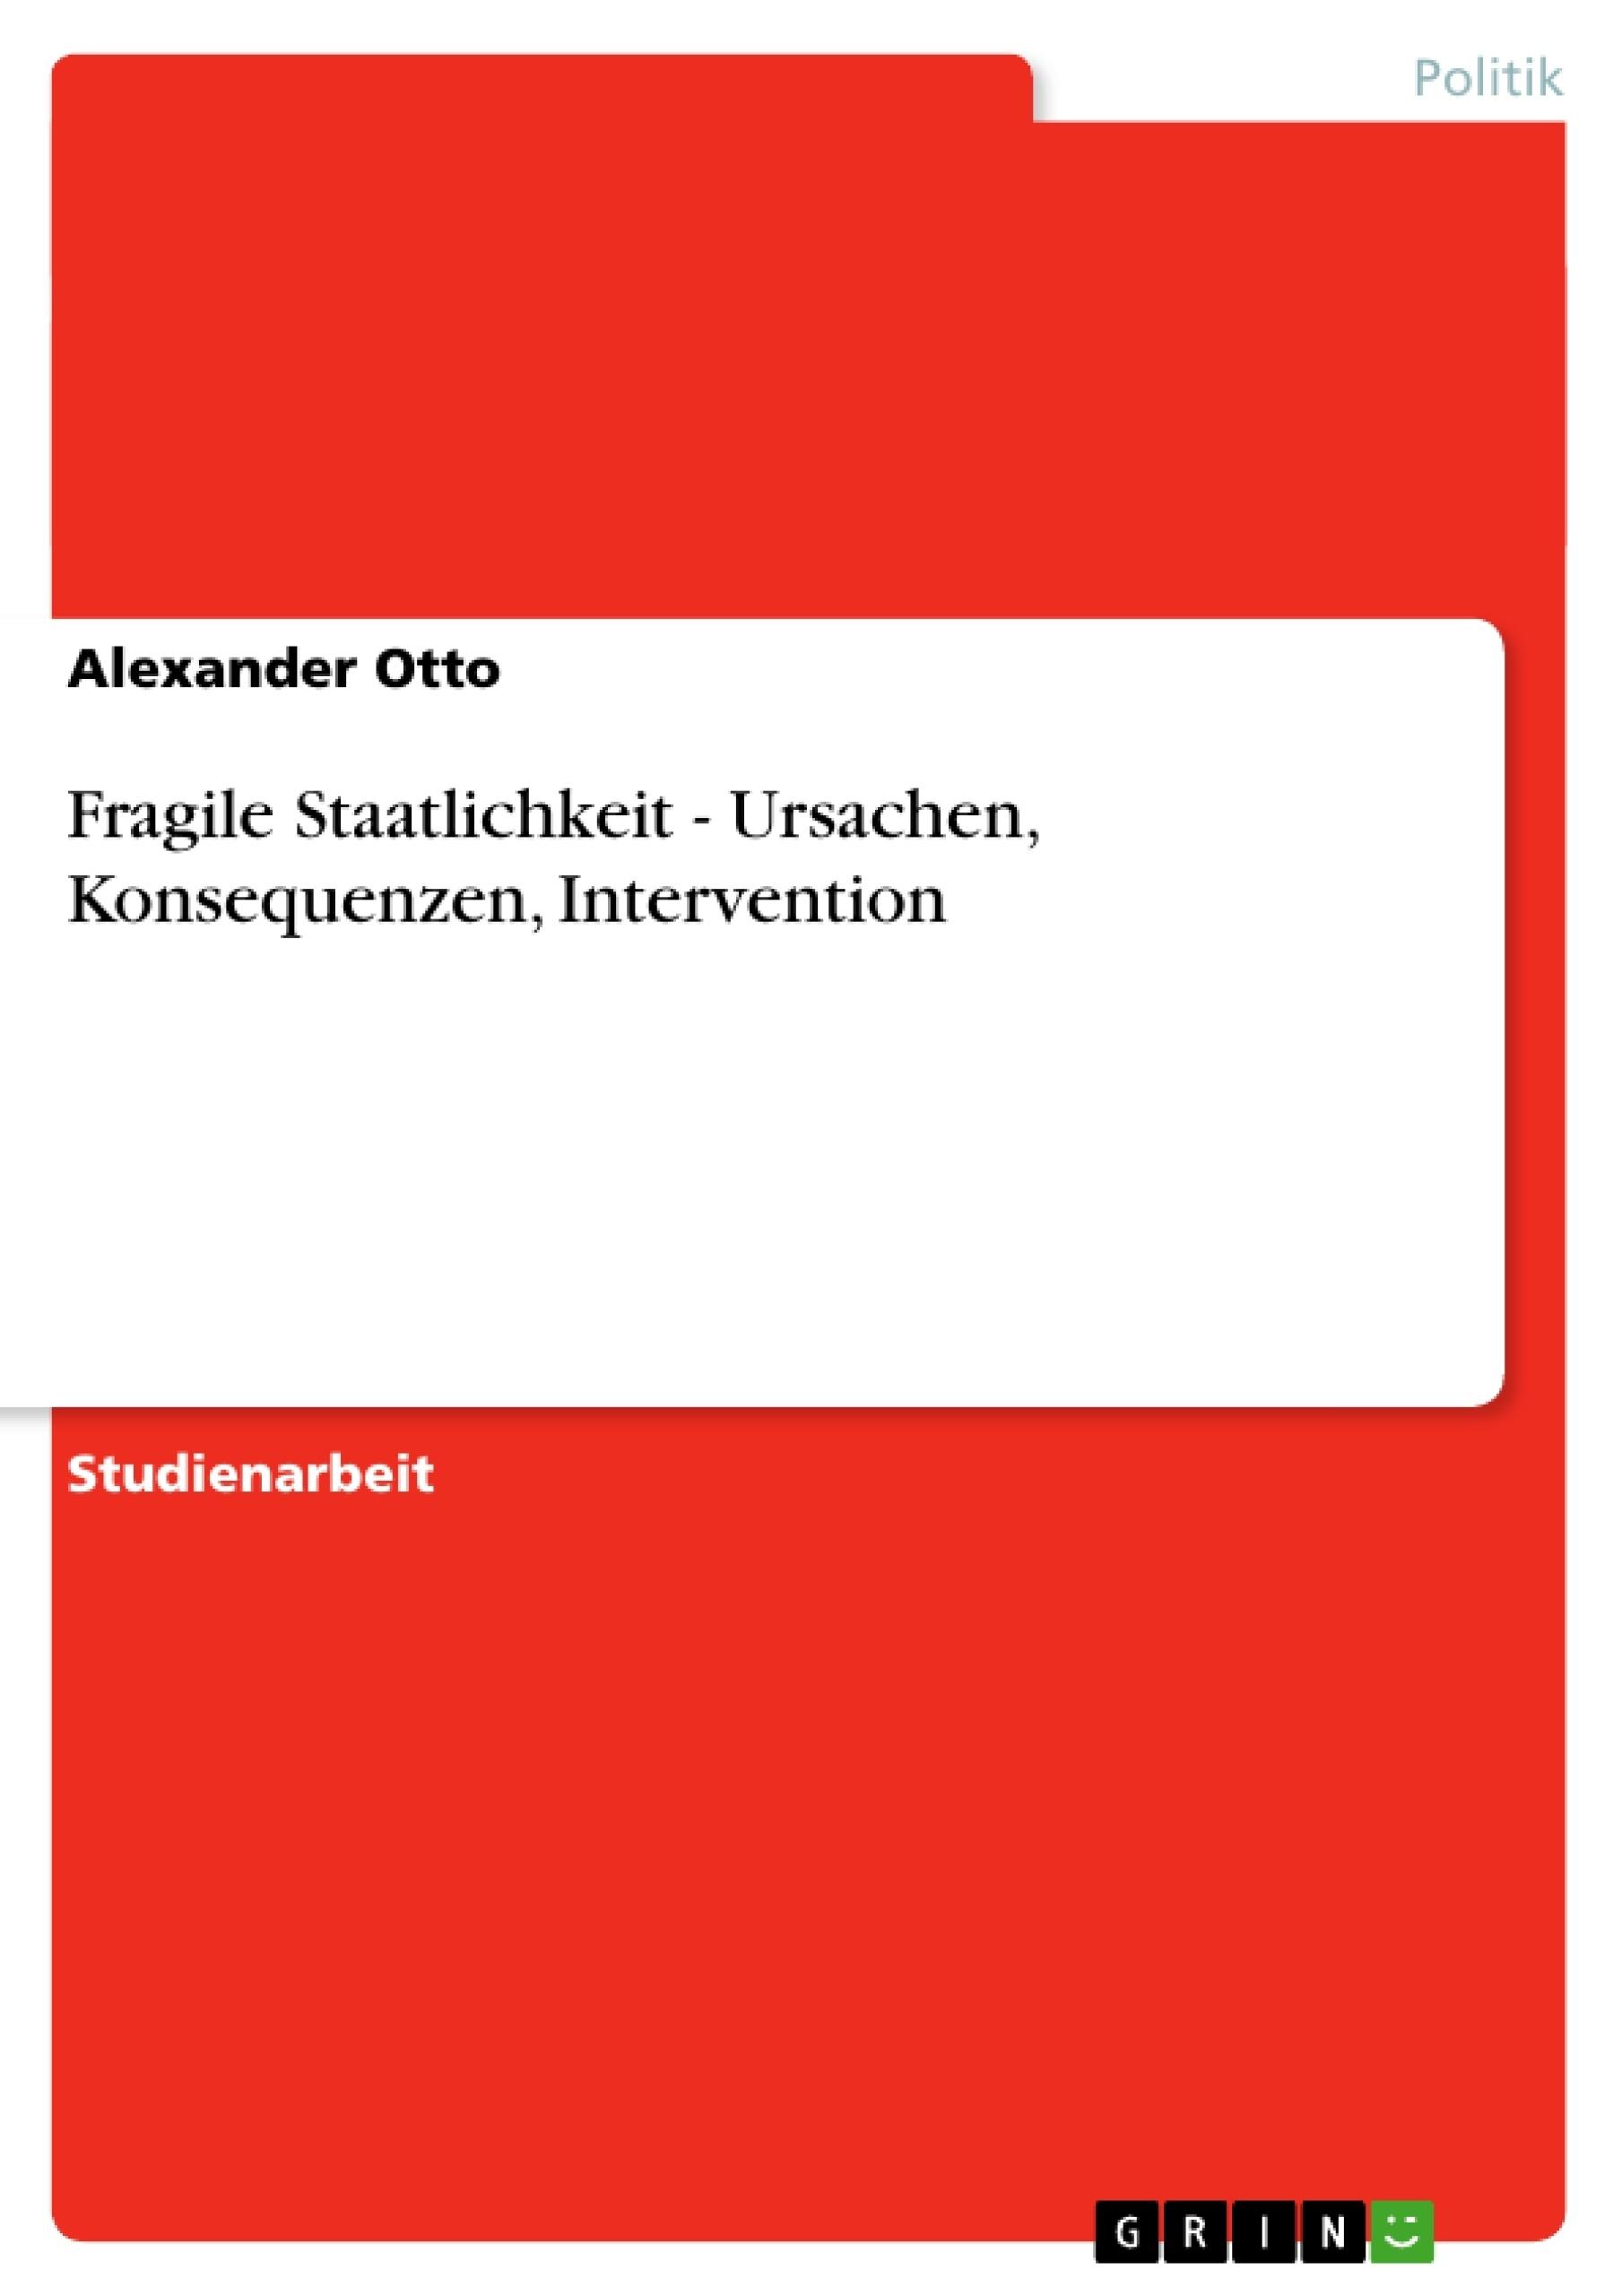 Titel: Fragile Staatlichkeit - Ursachen, Konsequenzen, Intervention